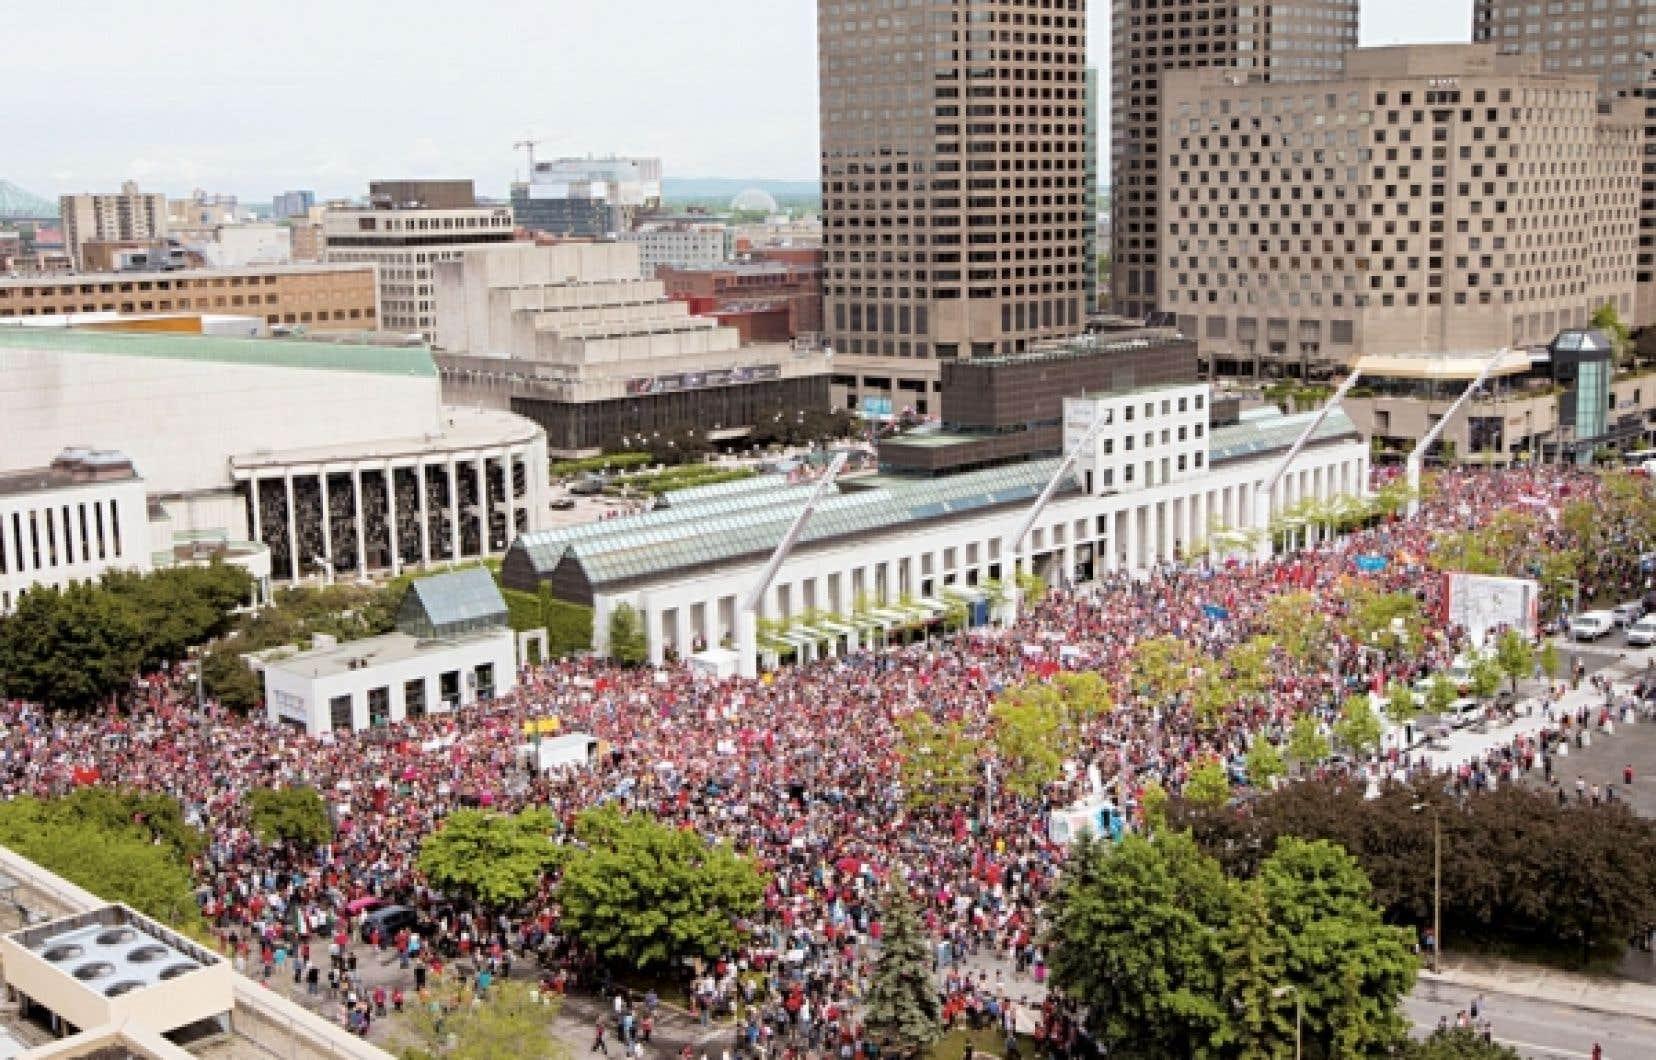 Le mouvement syndical, pourtant largement sympathique au mouvement étudiant, se révéla incapable de lui apporter un appui déterminant lors de la grande manifestation du 22 mai.